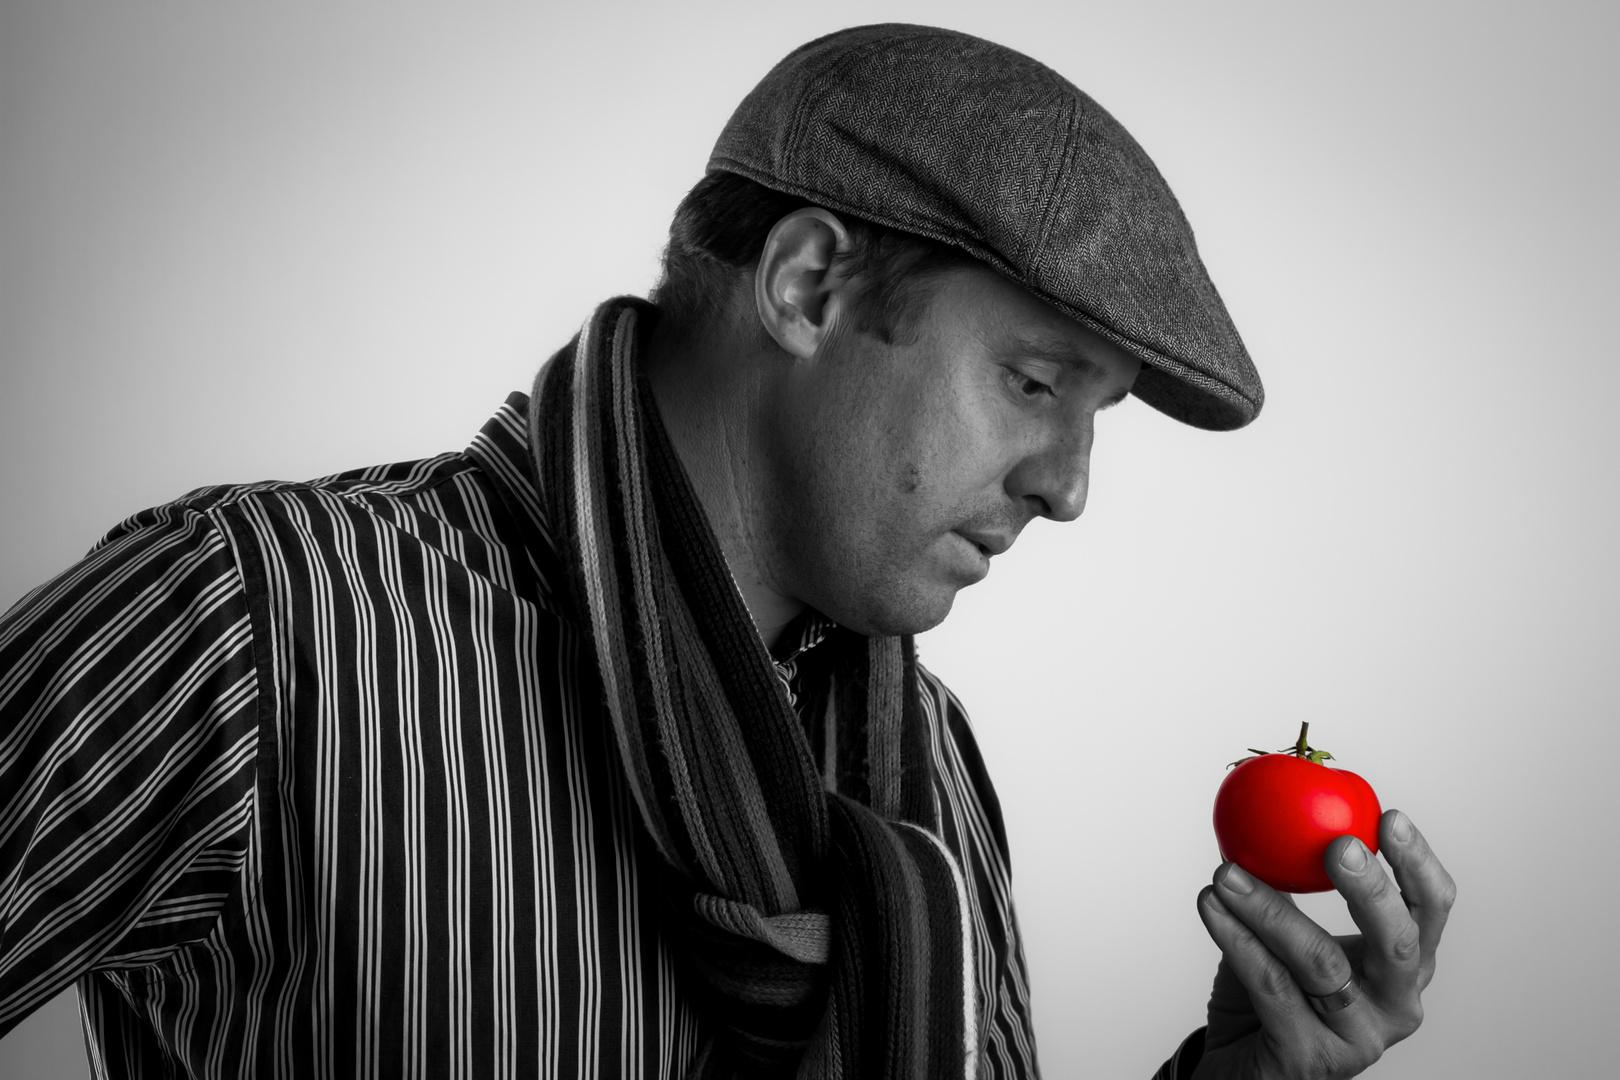 Der rote Apfel...?